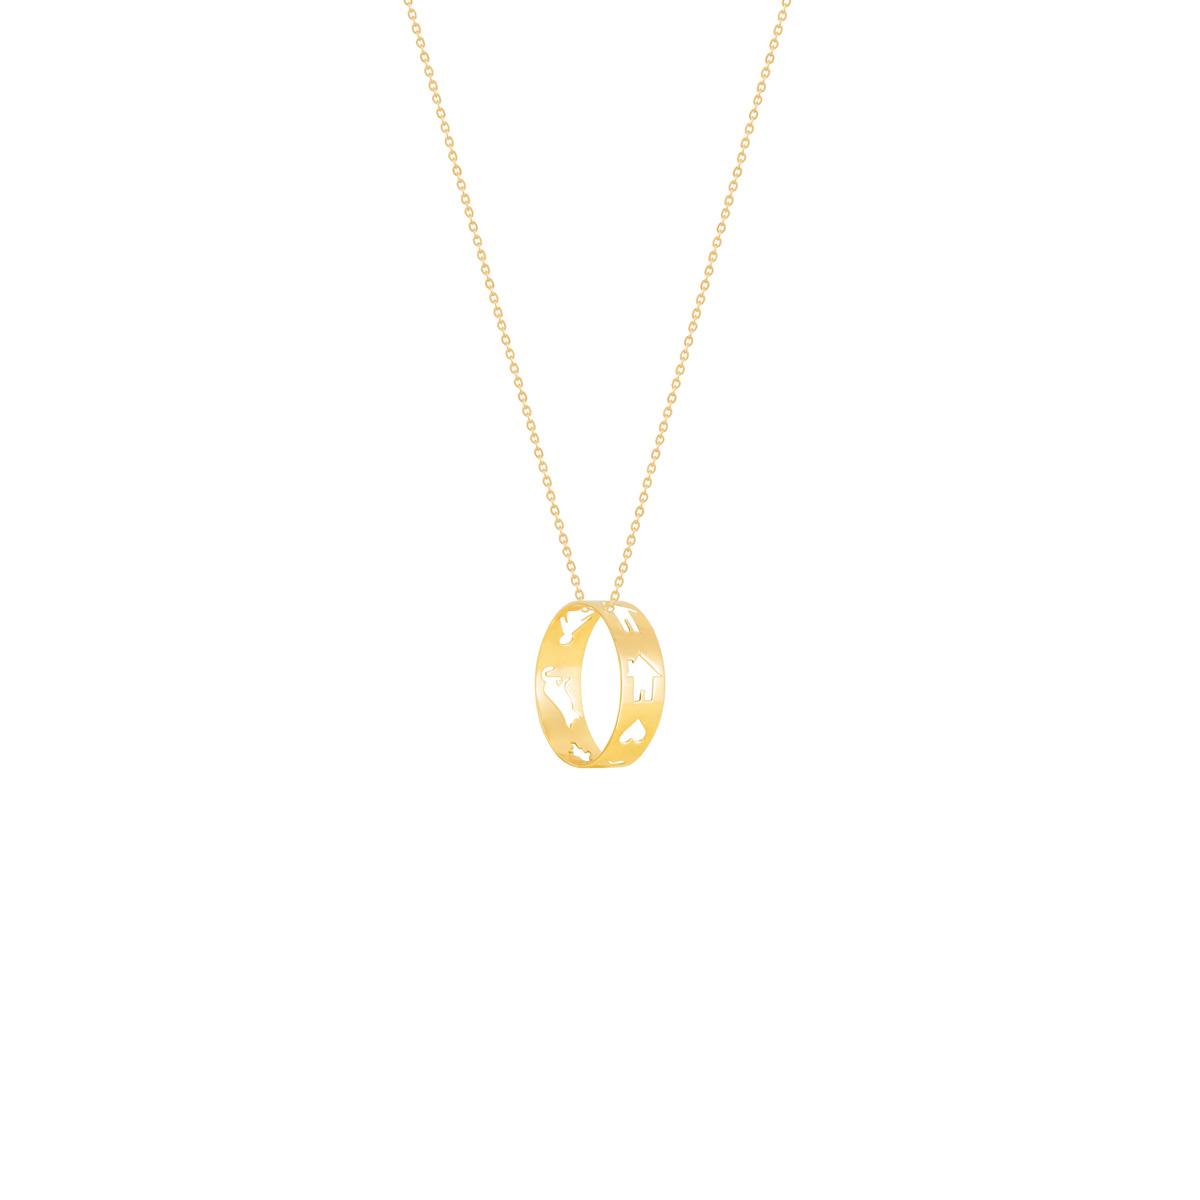 گردنبند طلا خانه پرسته |parasteh